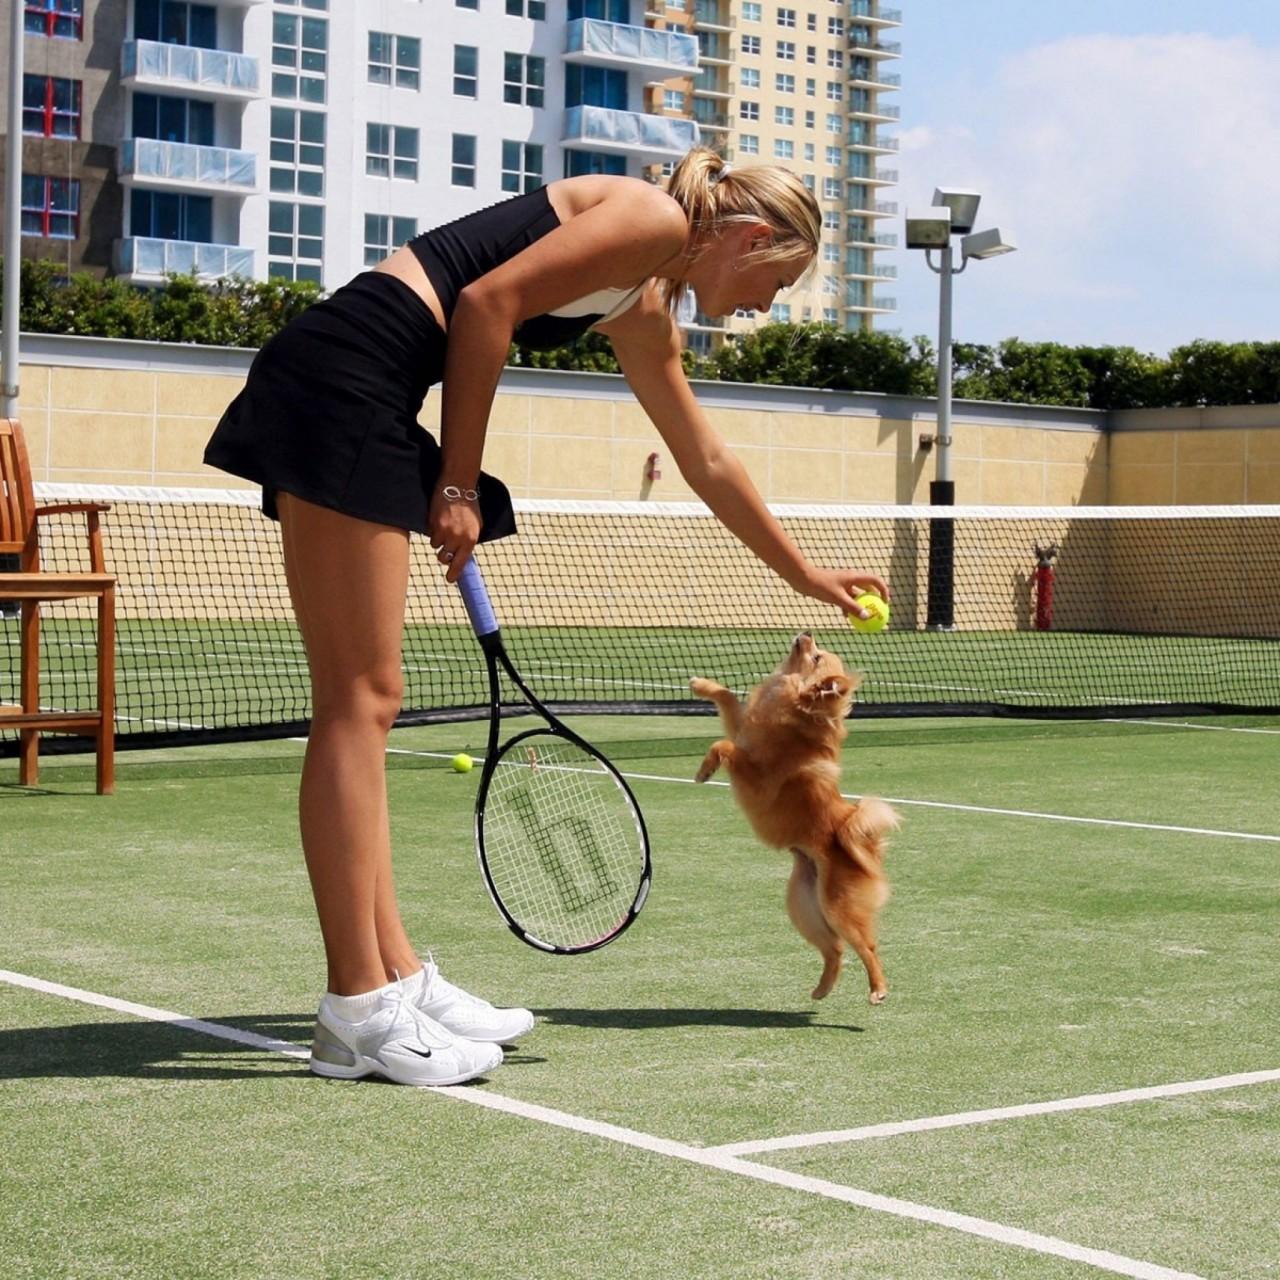 занятия спортом и свежий воздух